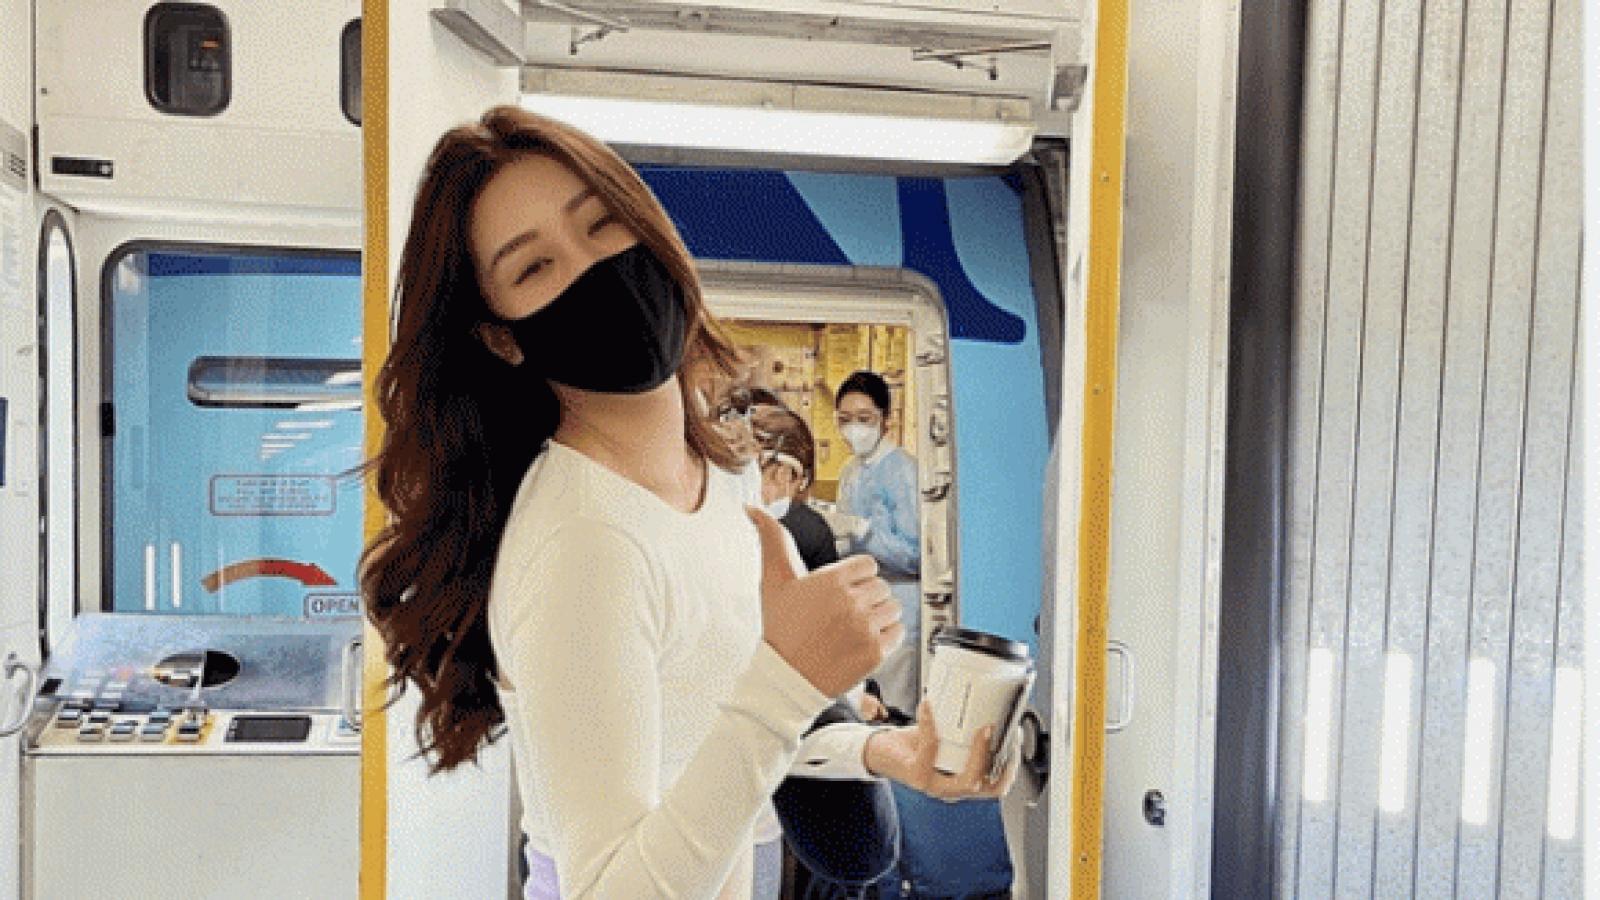 Chuyện showbiz: Khánh Vân chính thức lên máy bay về nước sau 1 tháng ở Mỹ